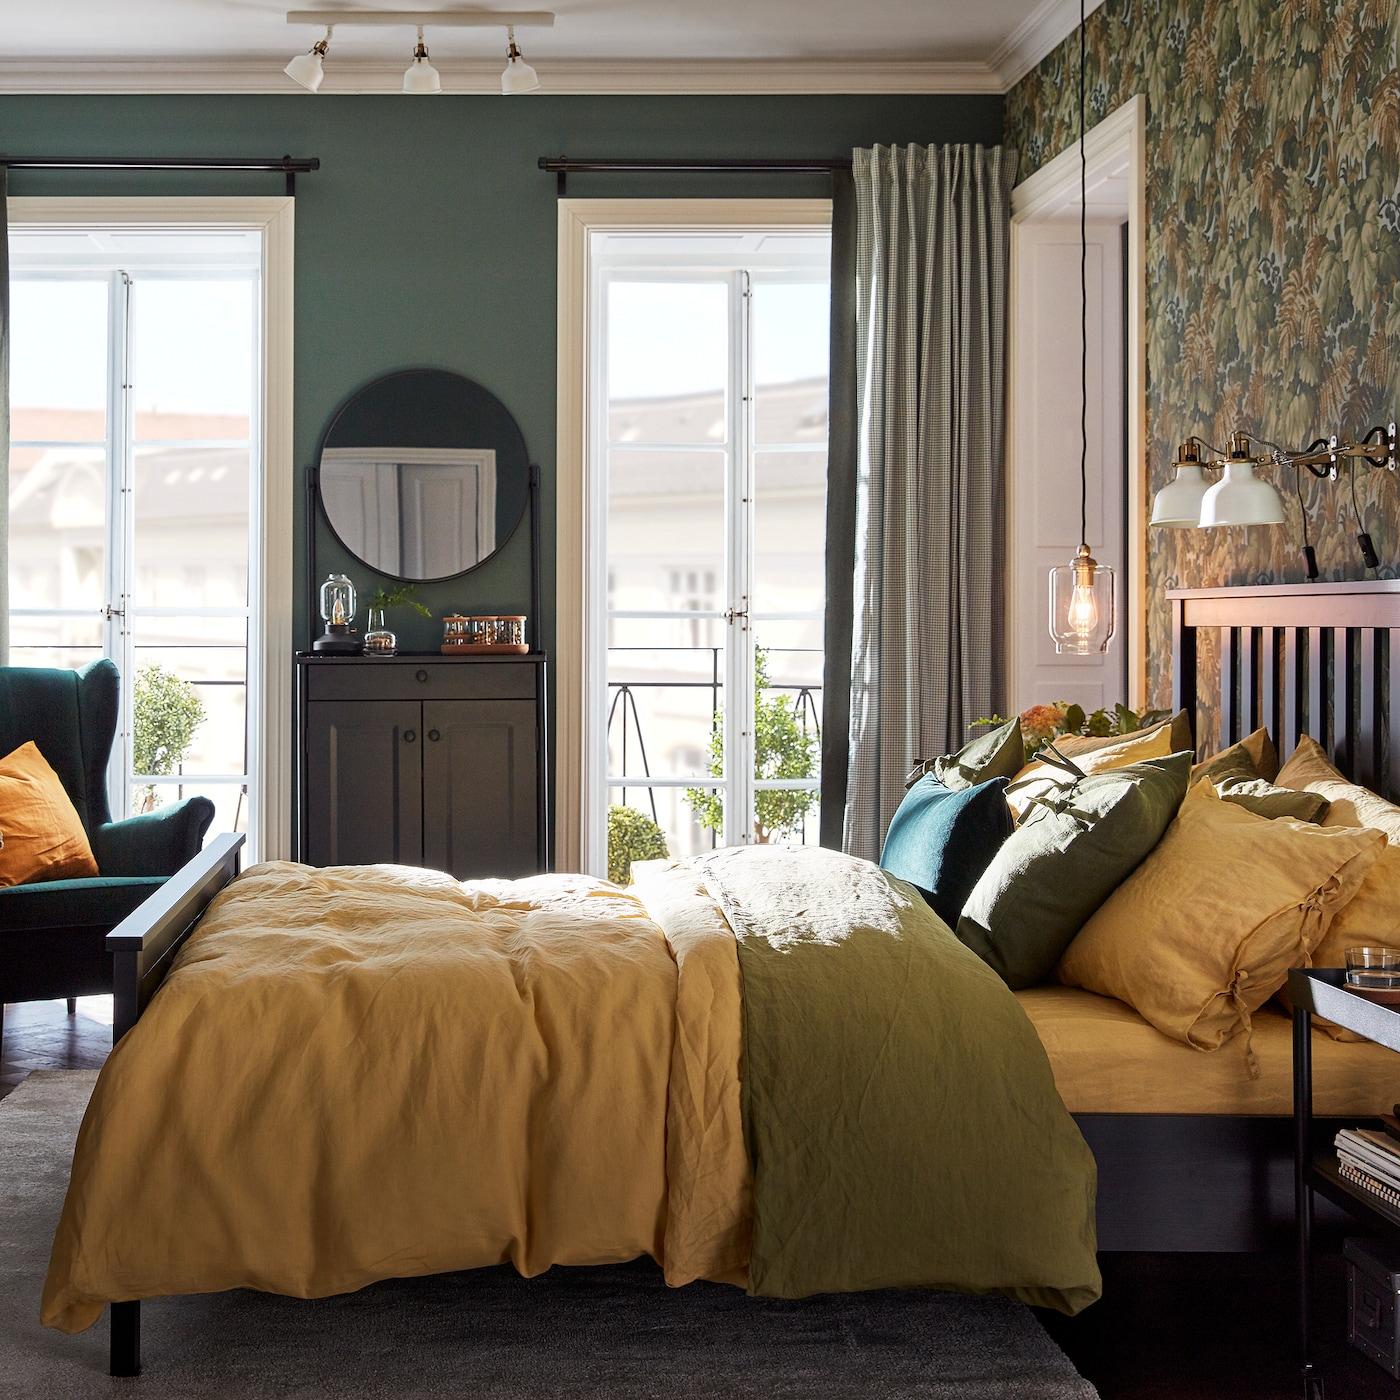 Sypialnia z łóżkiem z poduszkami i pościelą w kolorach zielonym i żółtym, szafką lustrem i zielonym fotelem uszakiem.